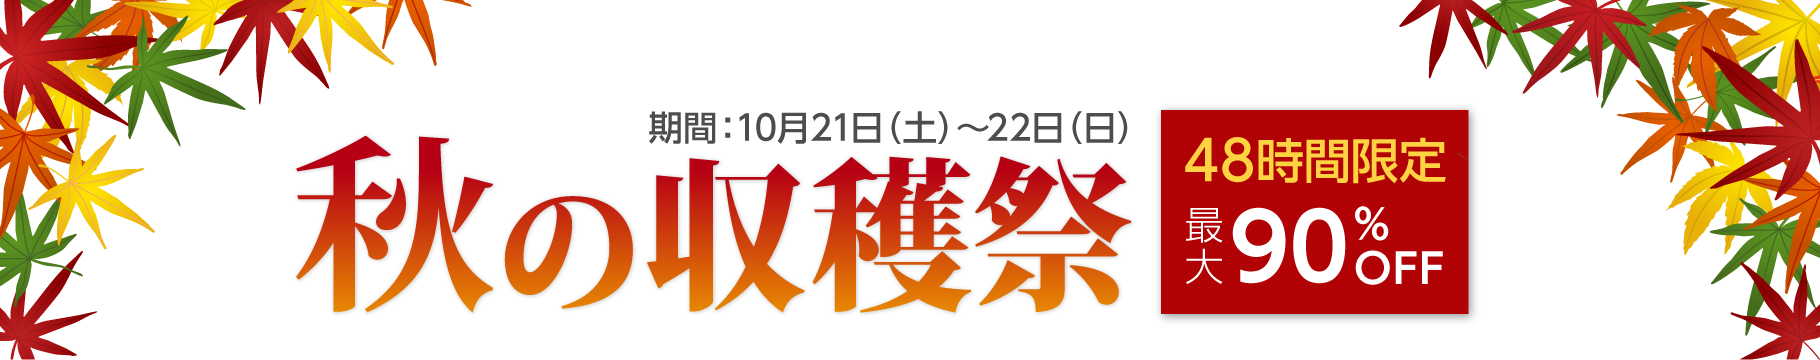 ソースネクストで秋の大収穫祭。マカセル自動バックアップや六角大王、デイジーコラージュや読取革命、本格翻訳が最大90%OFF。~10/22。